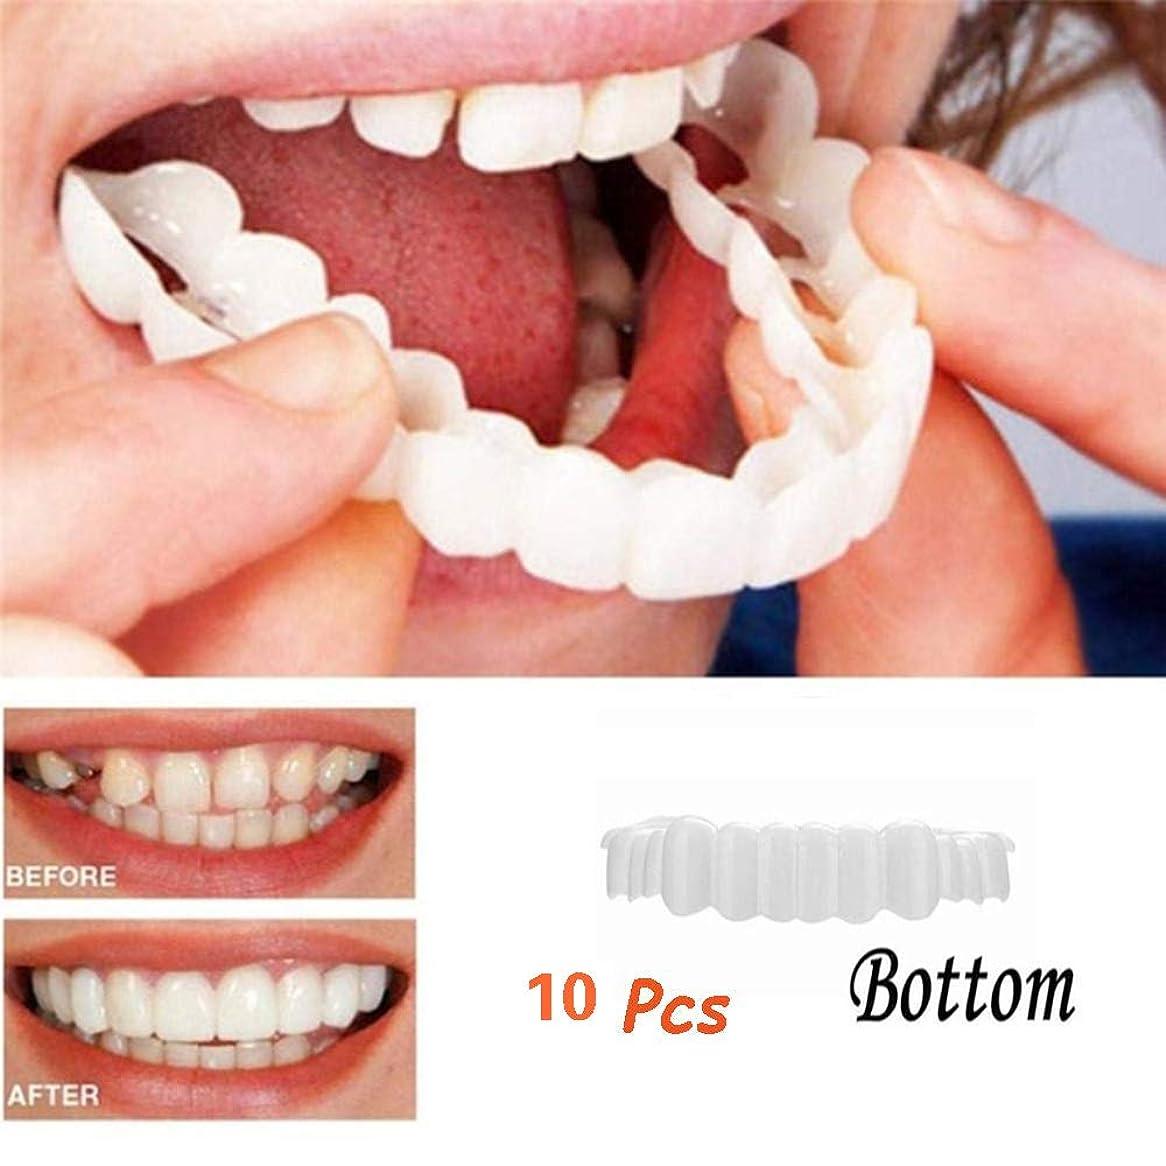 に関して神のおばさん10ピース化粧品歯化粧品歯科スナップインスタントパーフェクトスマイルコンフォートフィットフレックス歯白い歯カバーフィットほとんどの偽底歯